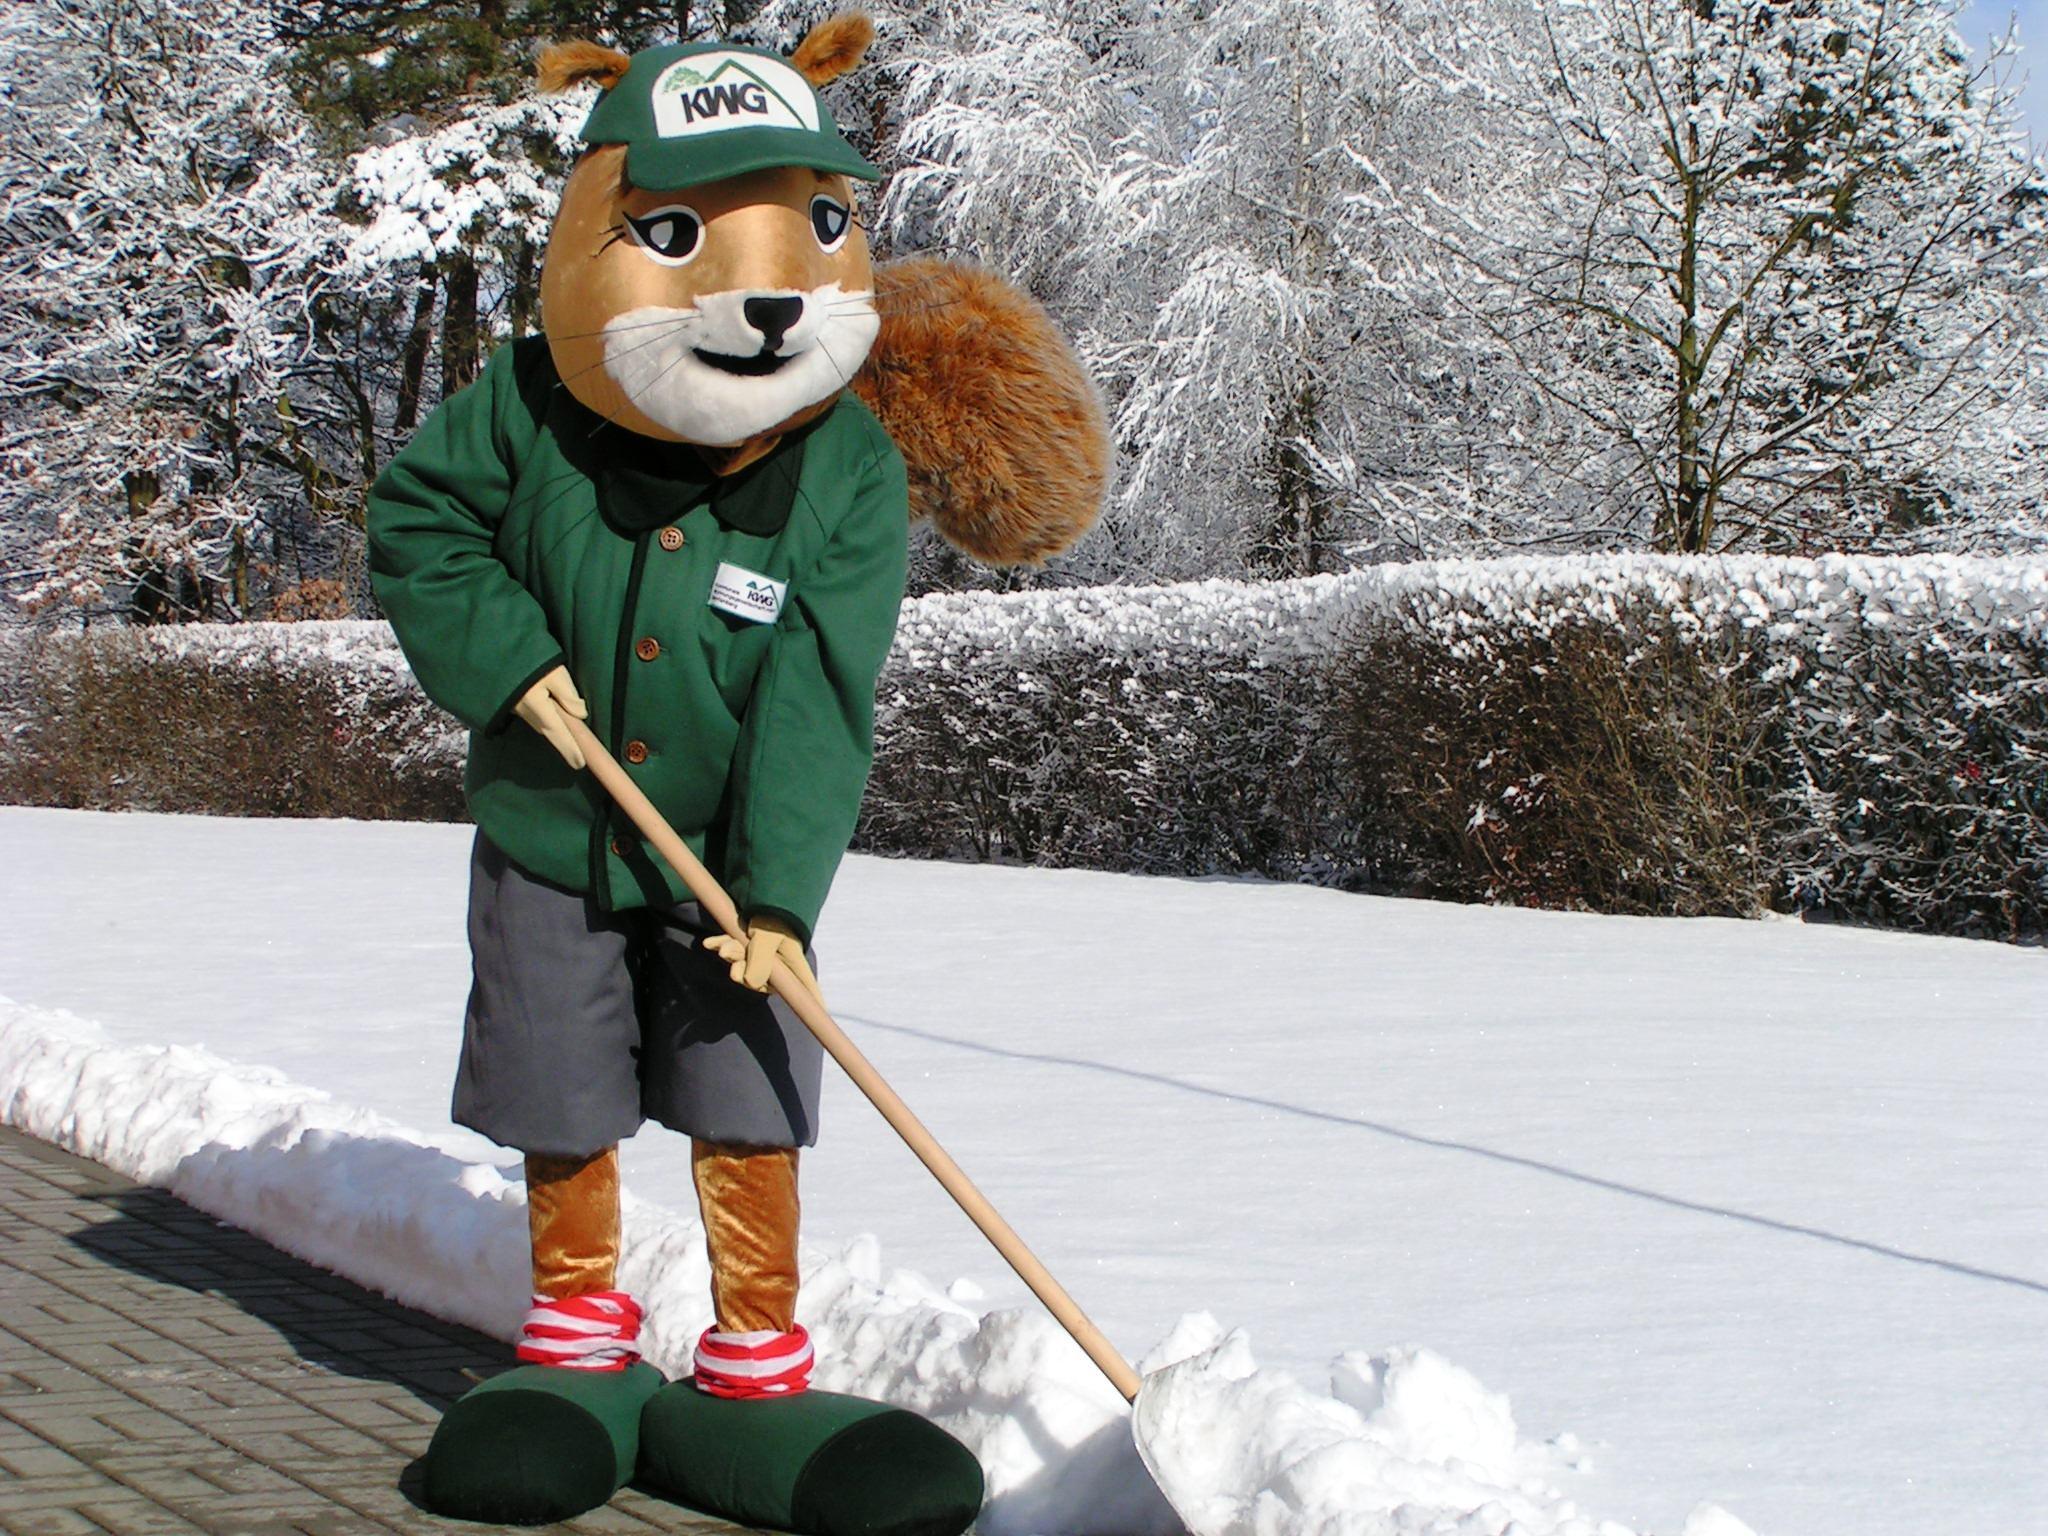 Weihnachtsgrüße Mieter.Vorsicht Bei Schnee Und Eis Streu Und Räumpflichten Für Mieter